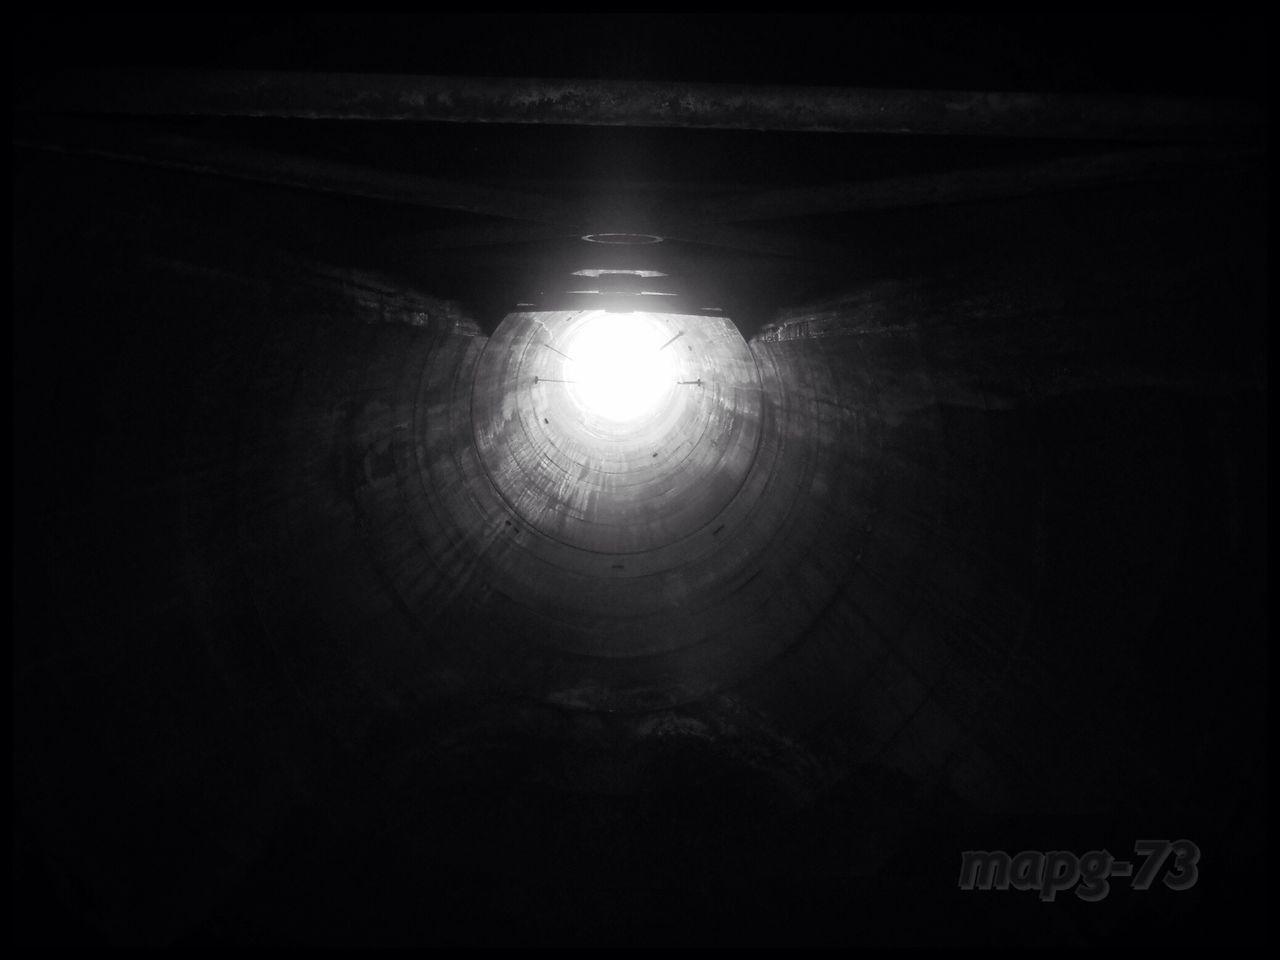 Blackandwhite EyeEm Best Shots - Black + White Darkness And Light Dark Darkness Industrial Industrial Landscapes Industry